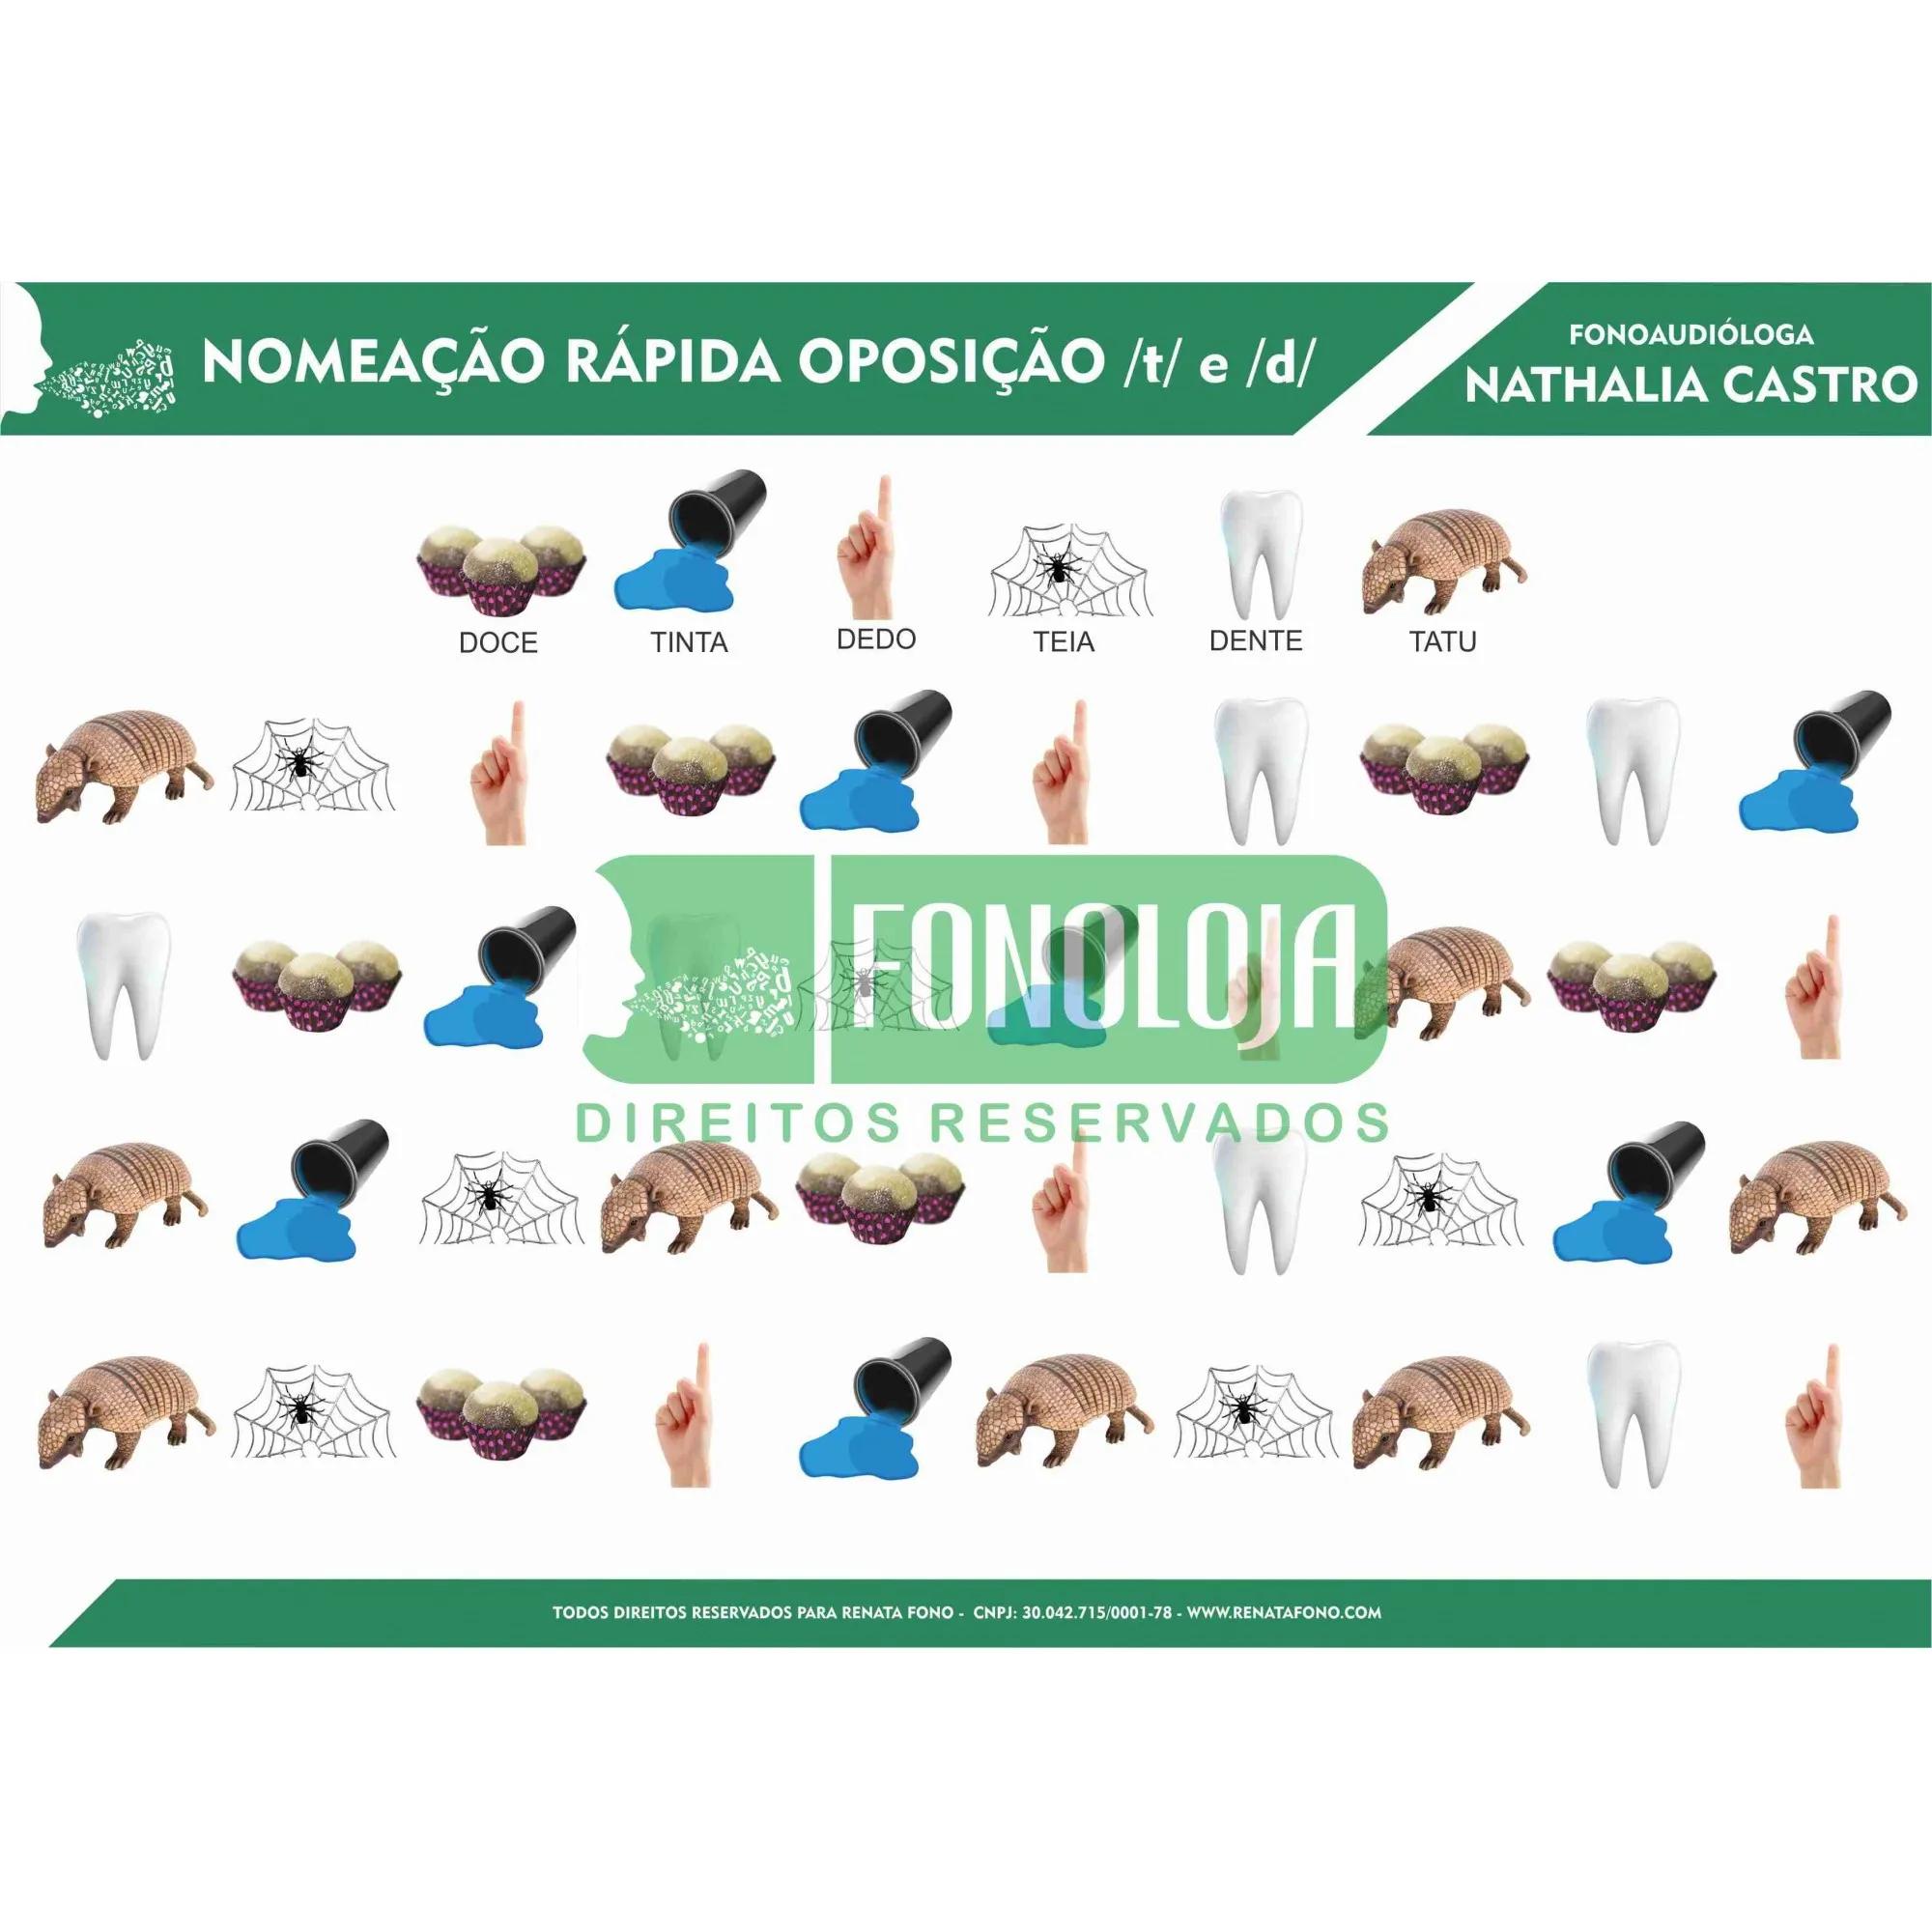 KIT 17 - 06 PRANCHAS NOMEAÇÃO RÁPIDA OPOSIÇÃO SURDO E SONORO - FORMATO DIGITAL